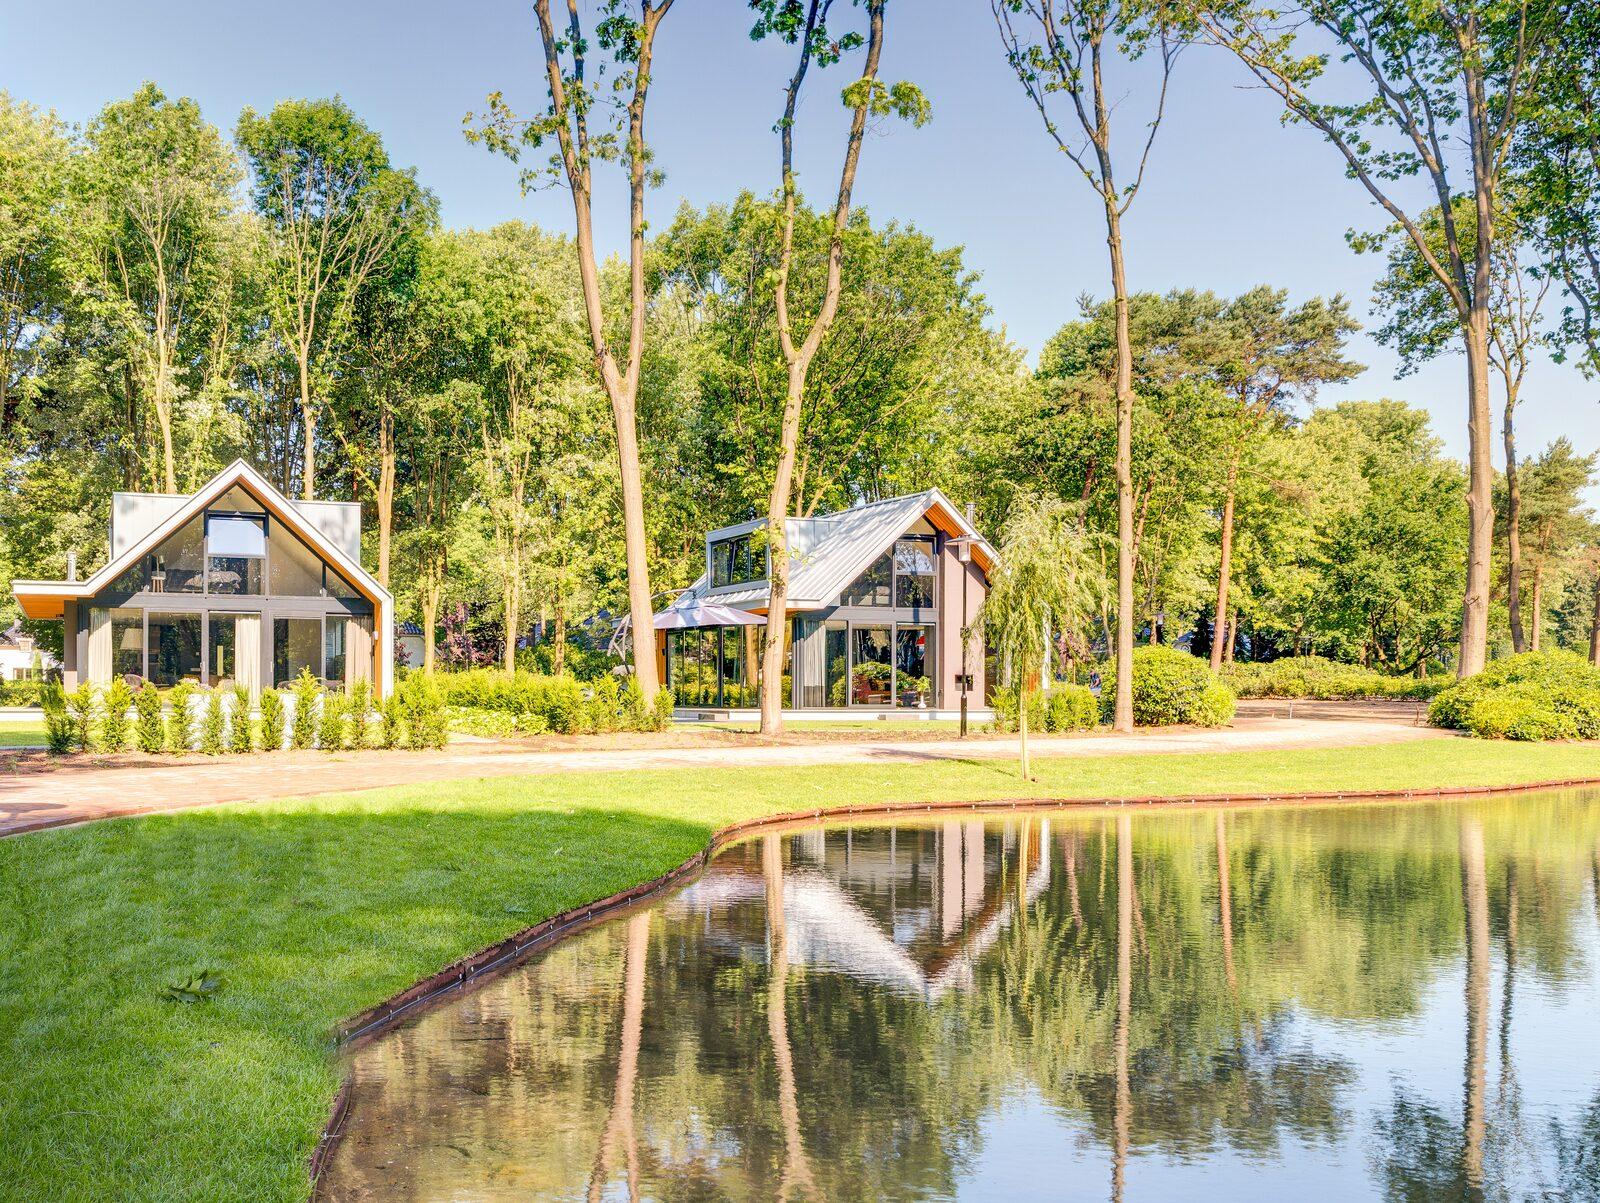 Vakantiewoning aan het water in een bosrijke omgeving